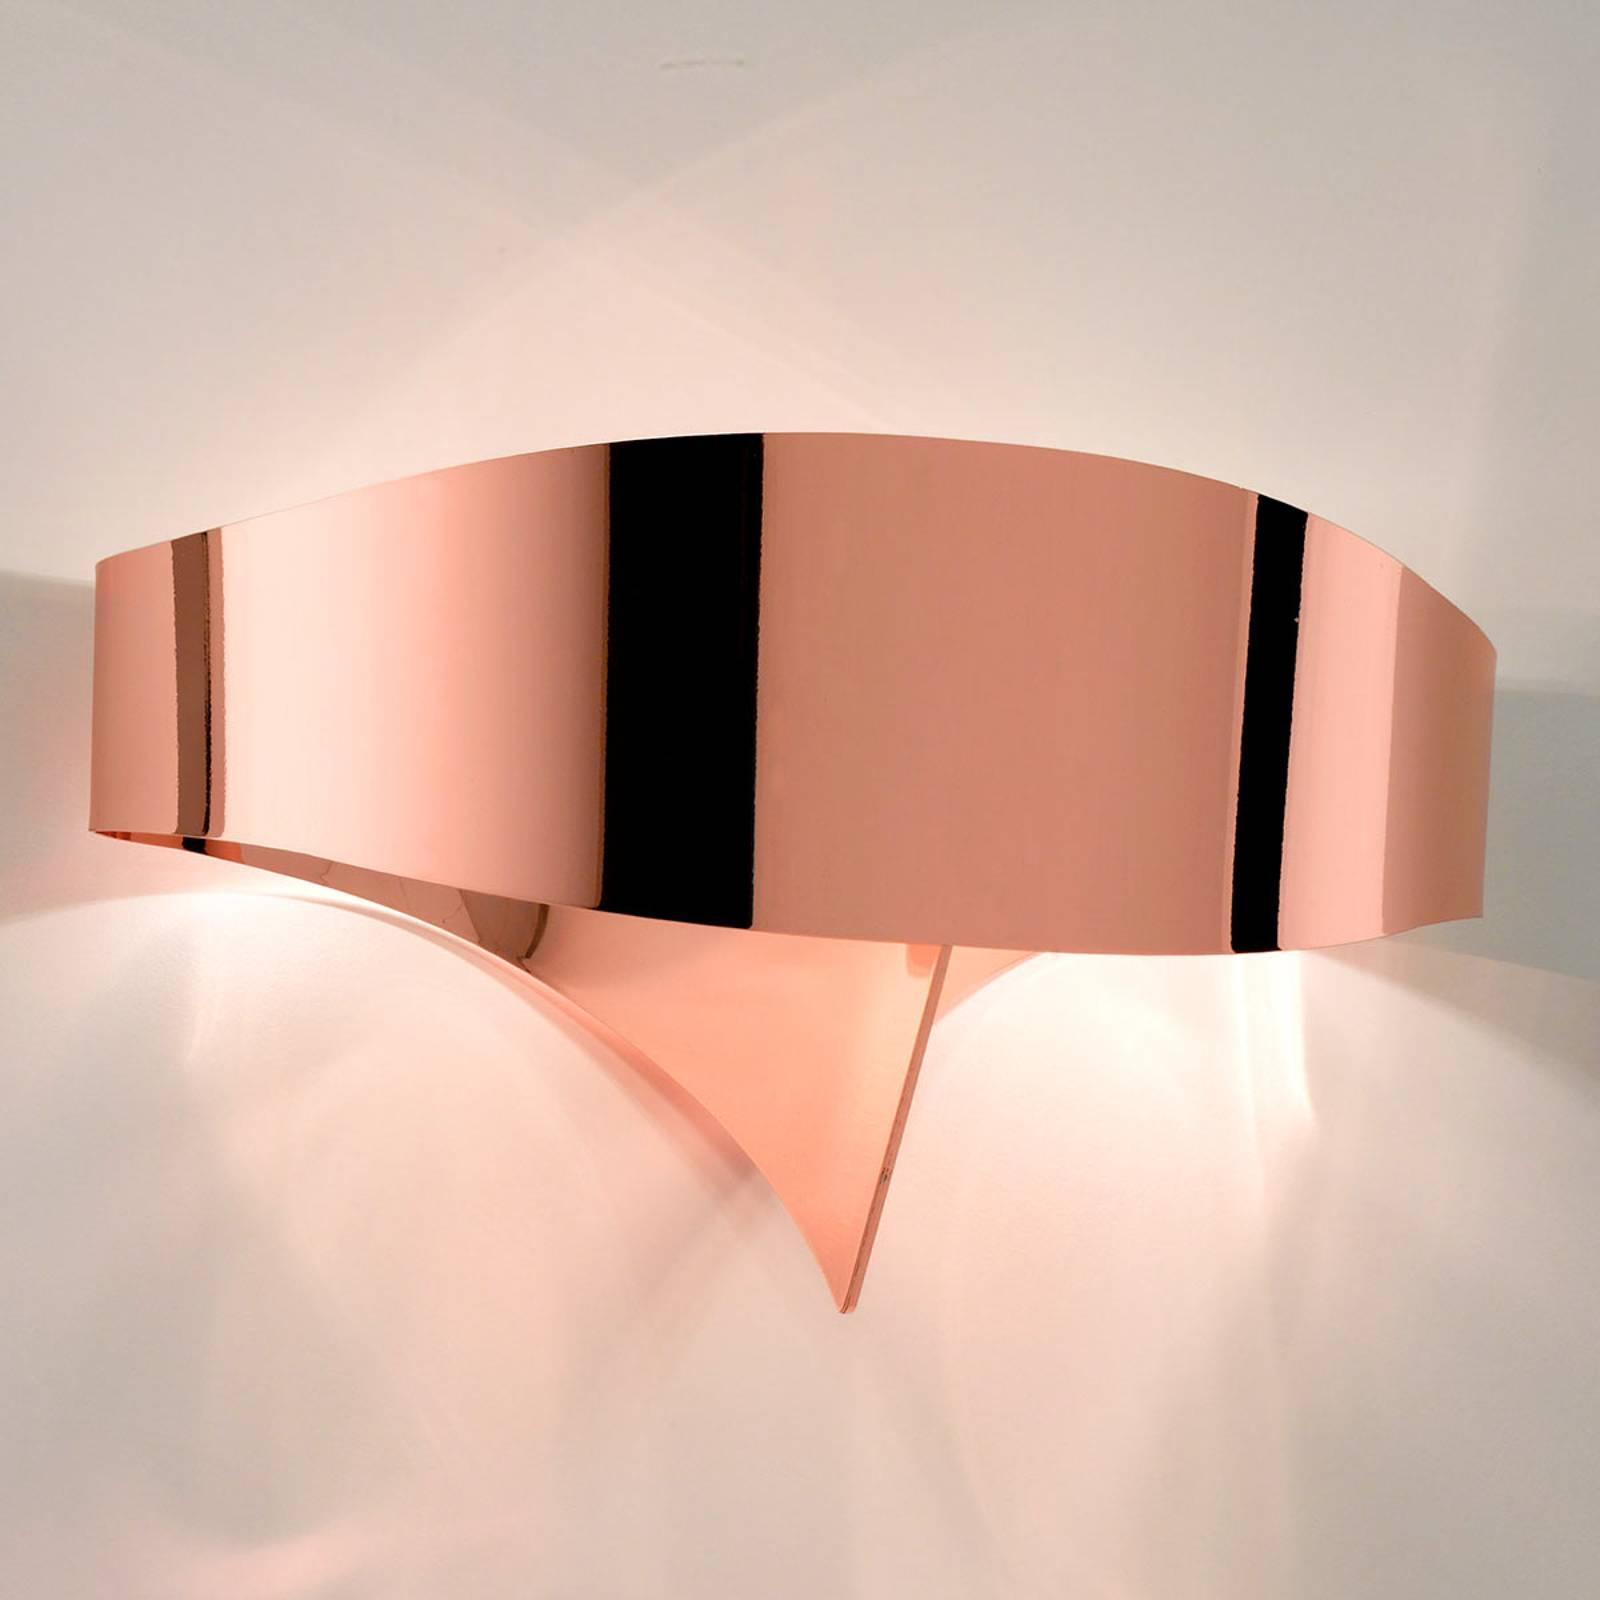 wandbeleuchtung und andere lampen von selene online kaufen bei m bel garten. Black Bedroom Furniture Sets. Home Design Ideas